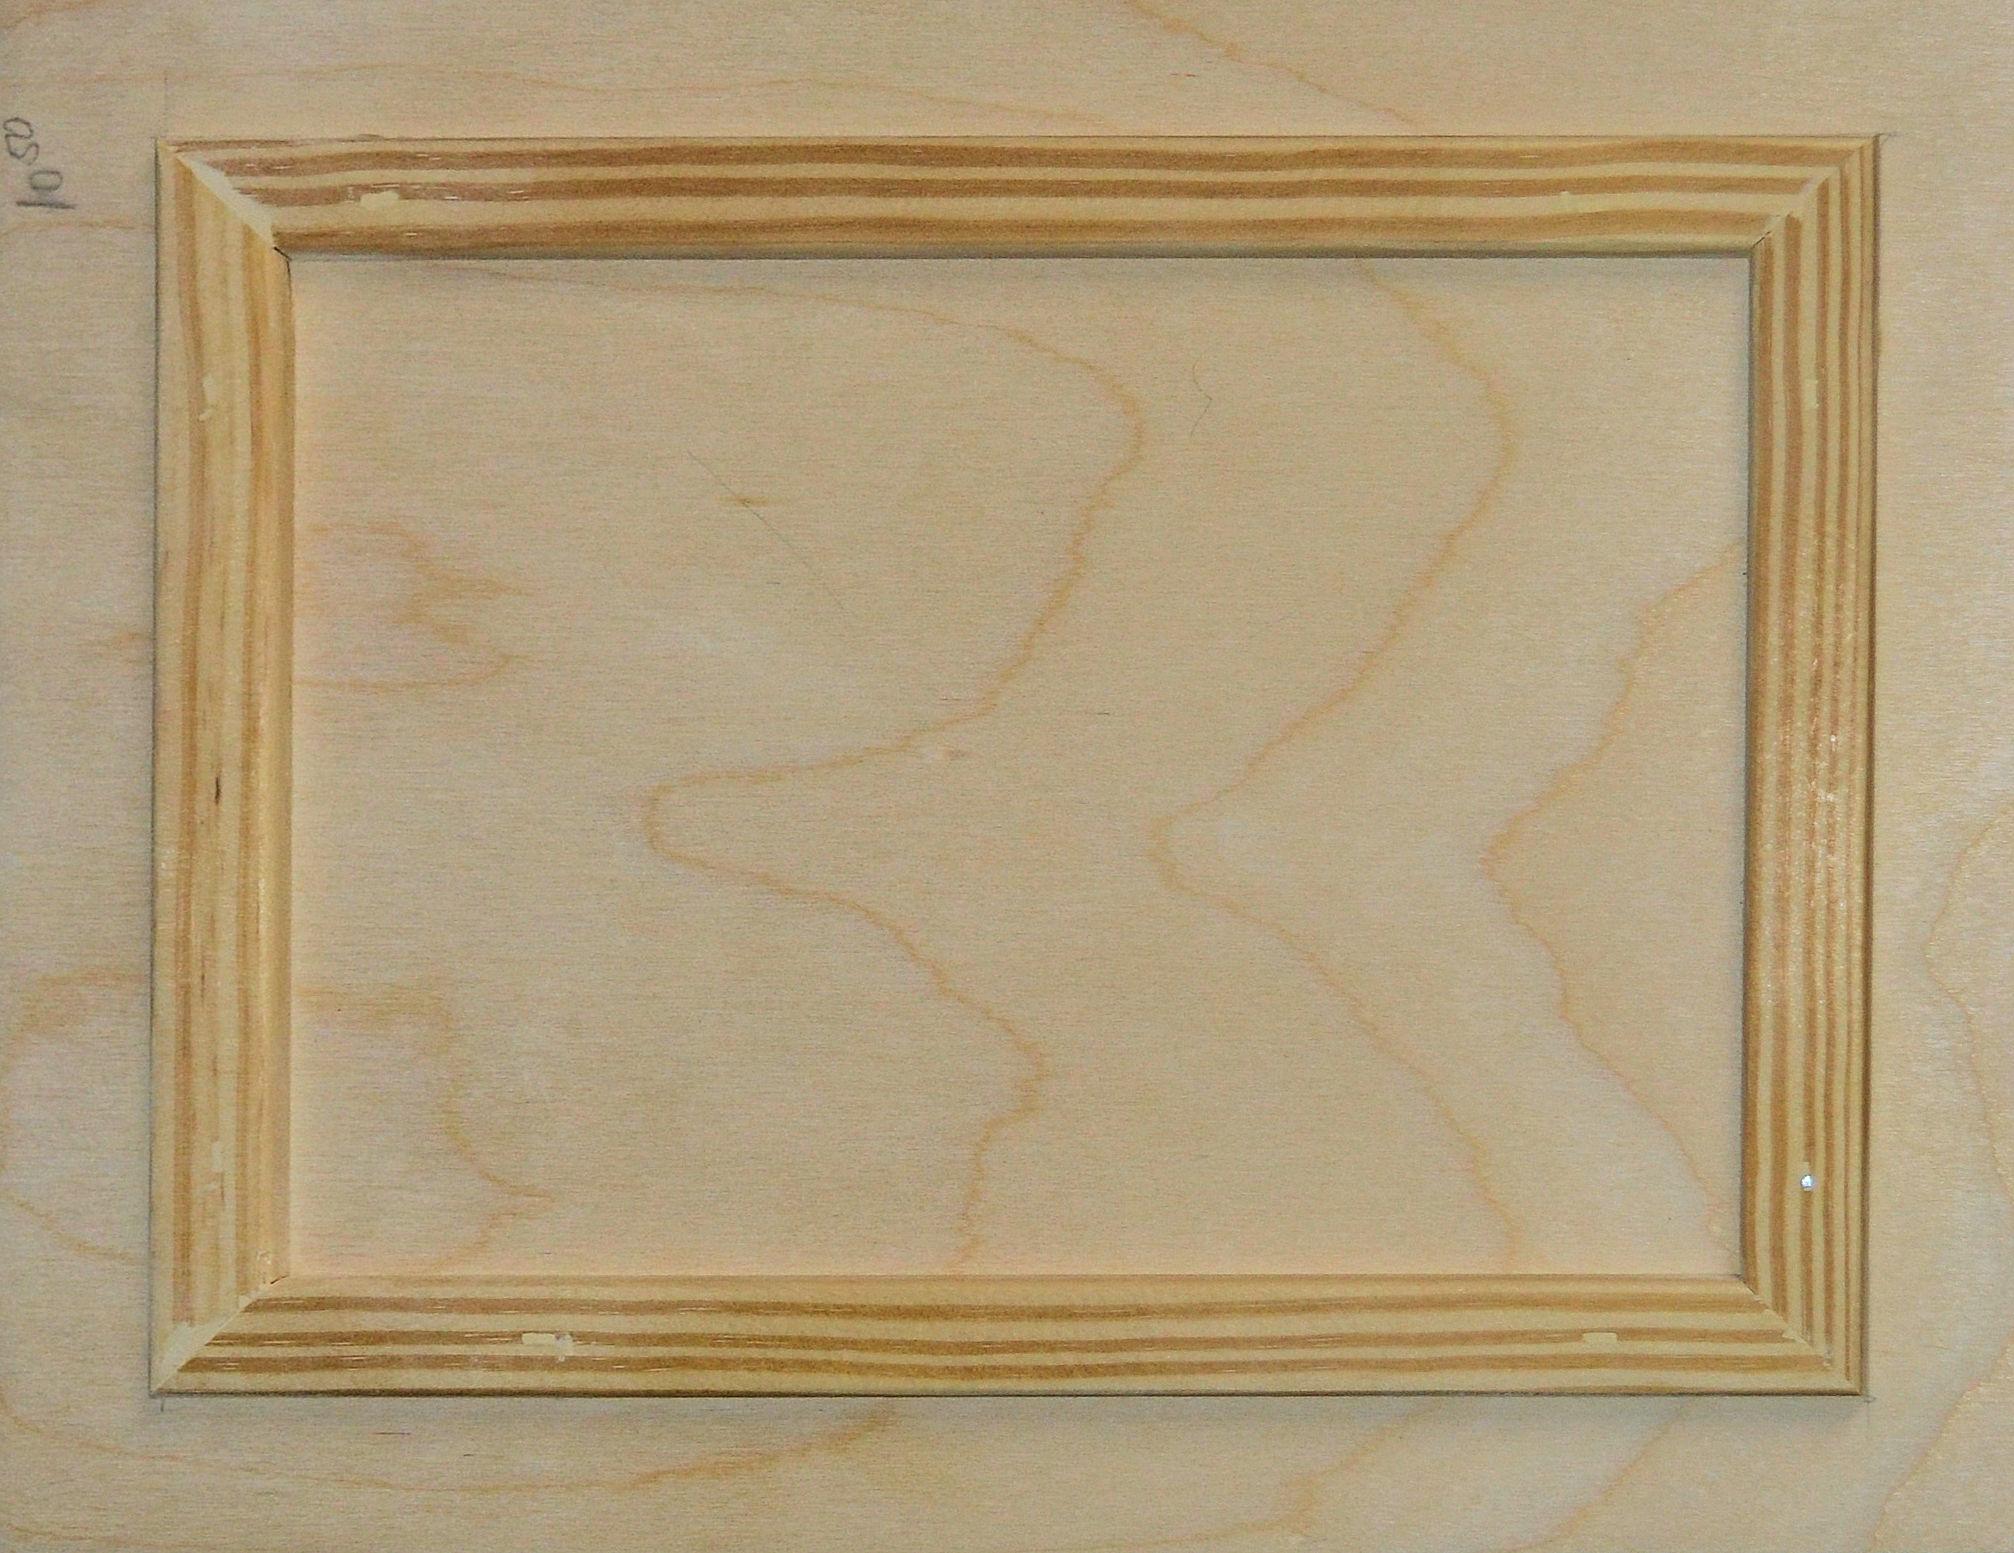 wood-frame11-x-9-and-6-x-8-wf20190131horizontal-2.jpg